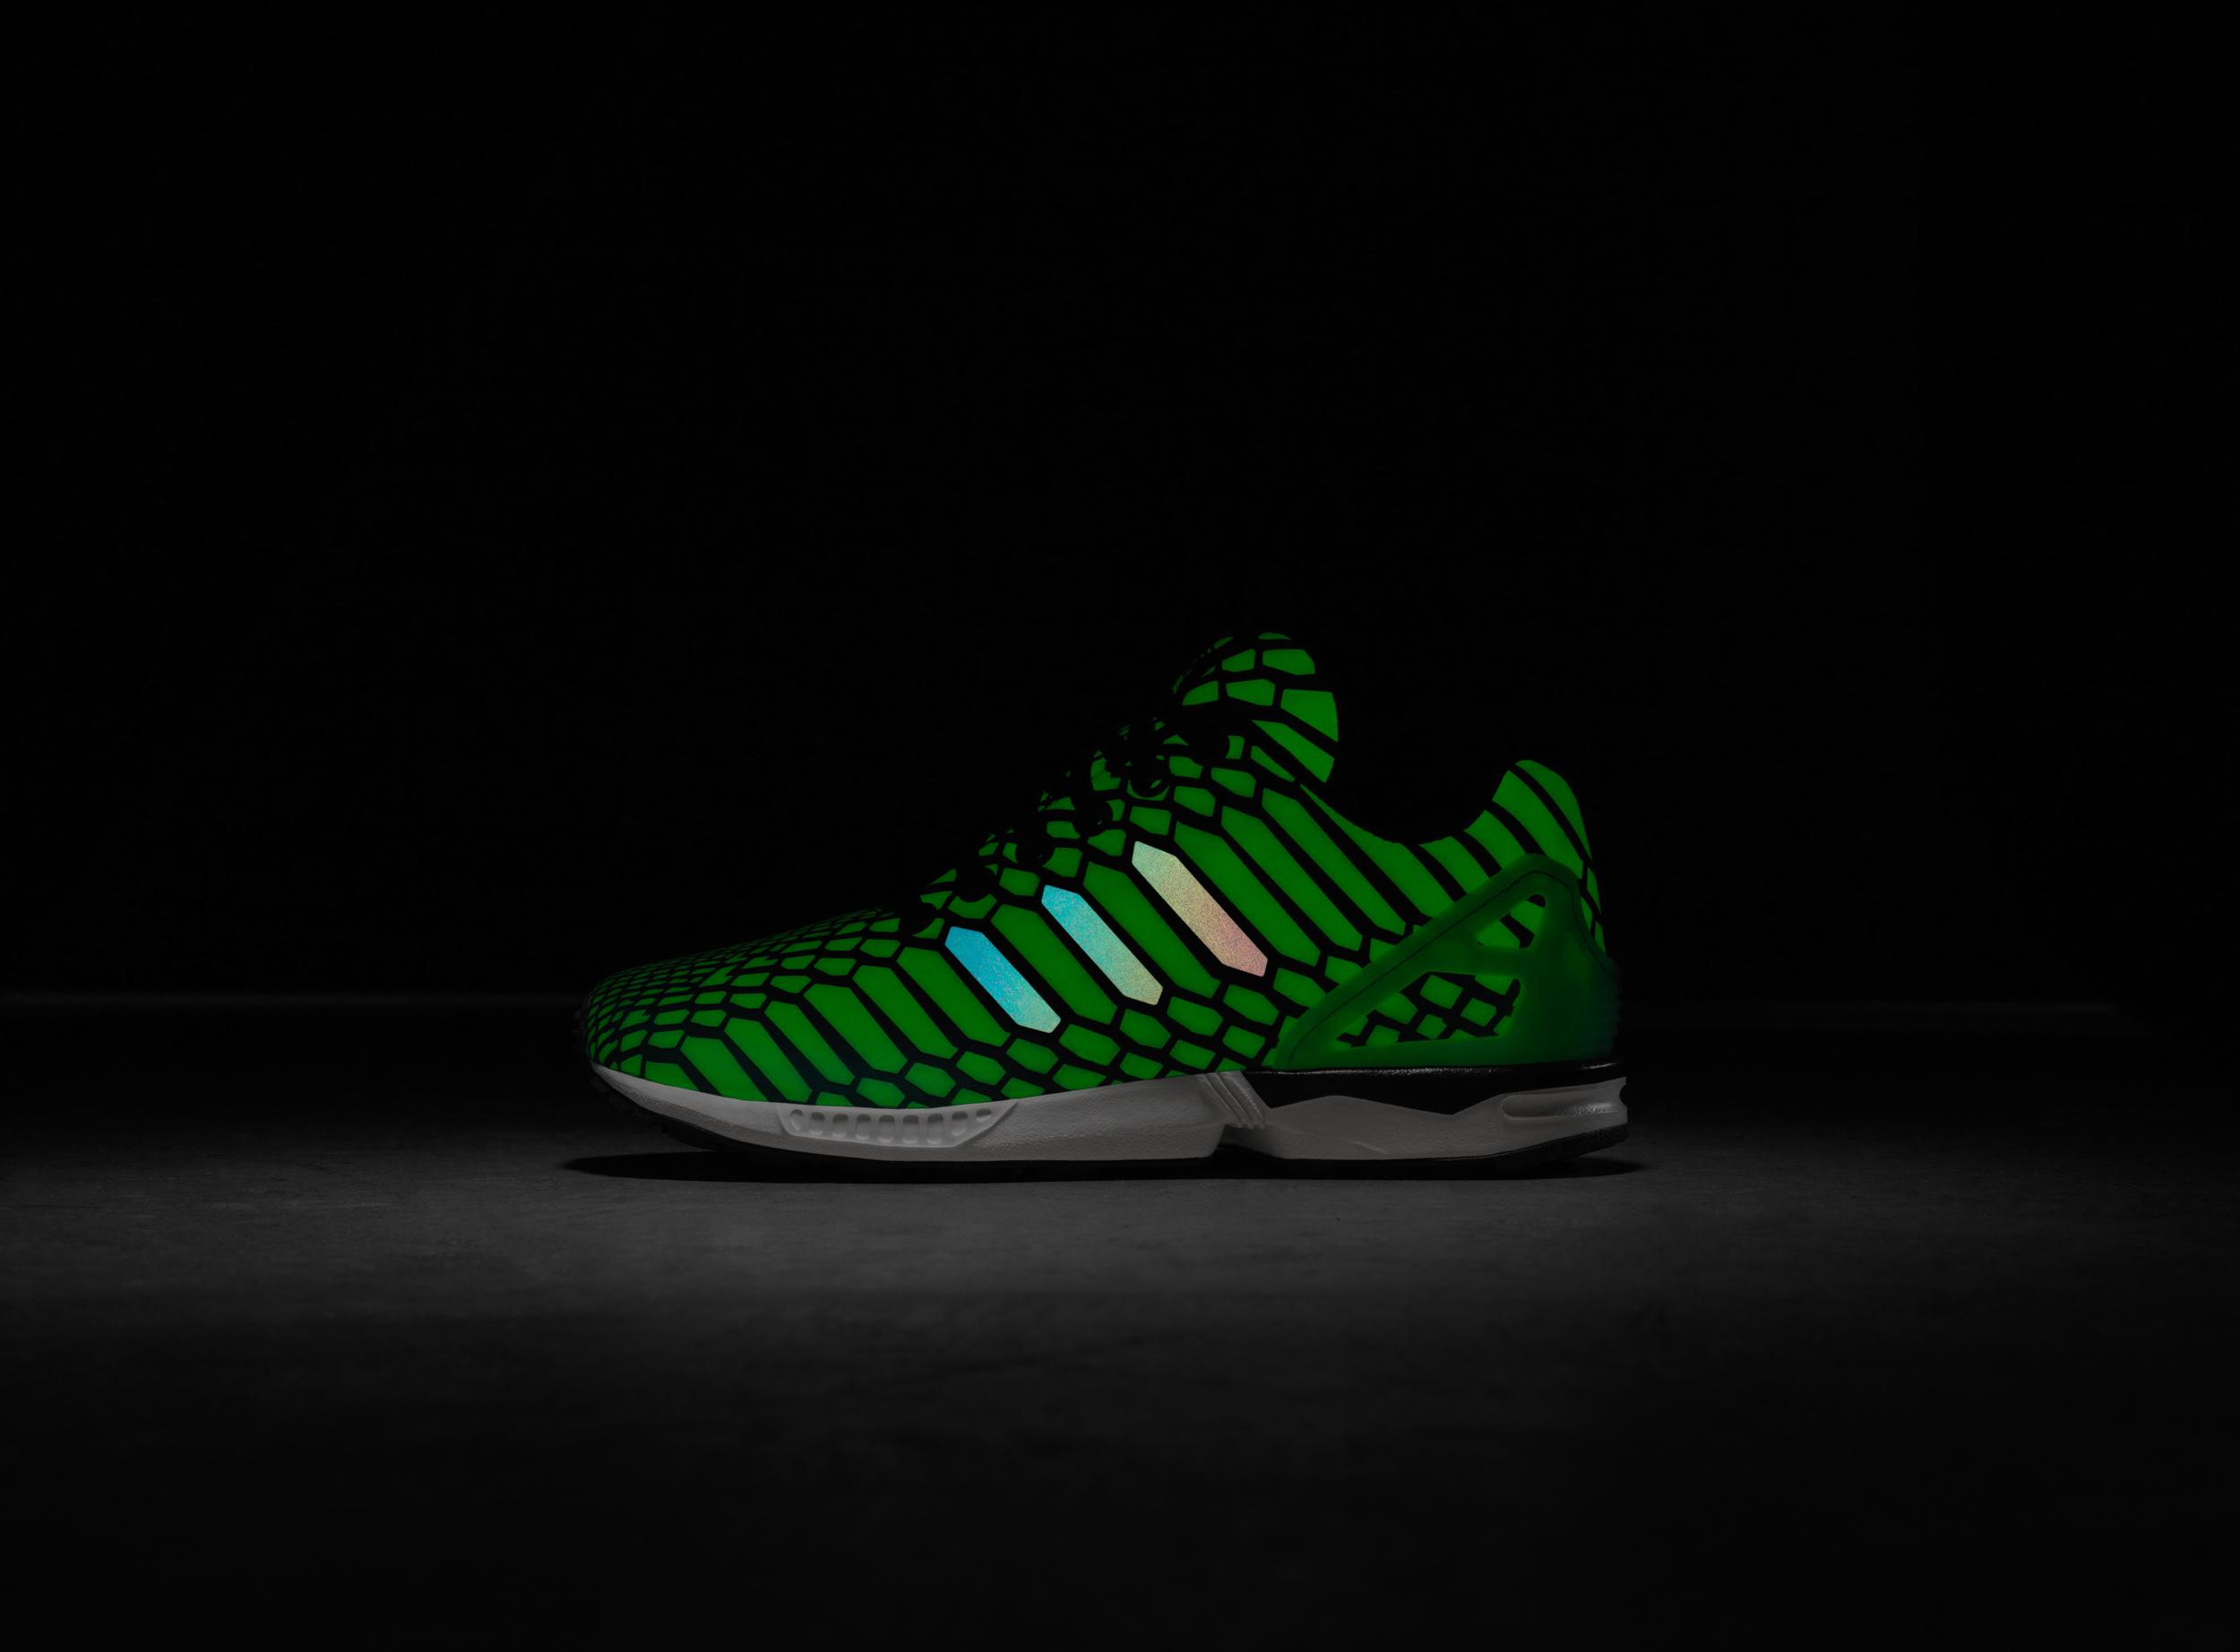 adidas_Xeno_Borealis_Kids_PR_Glow.jpg